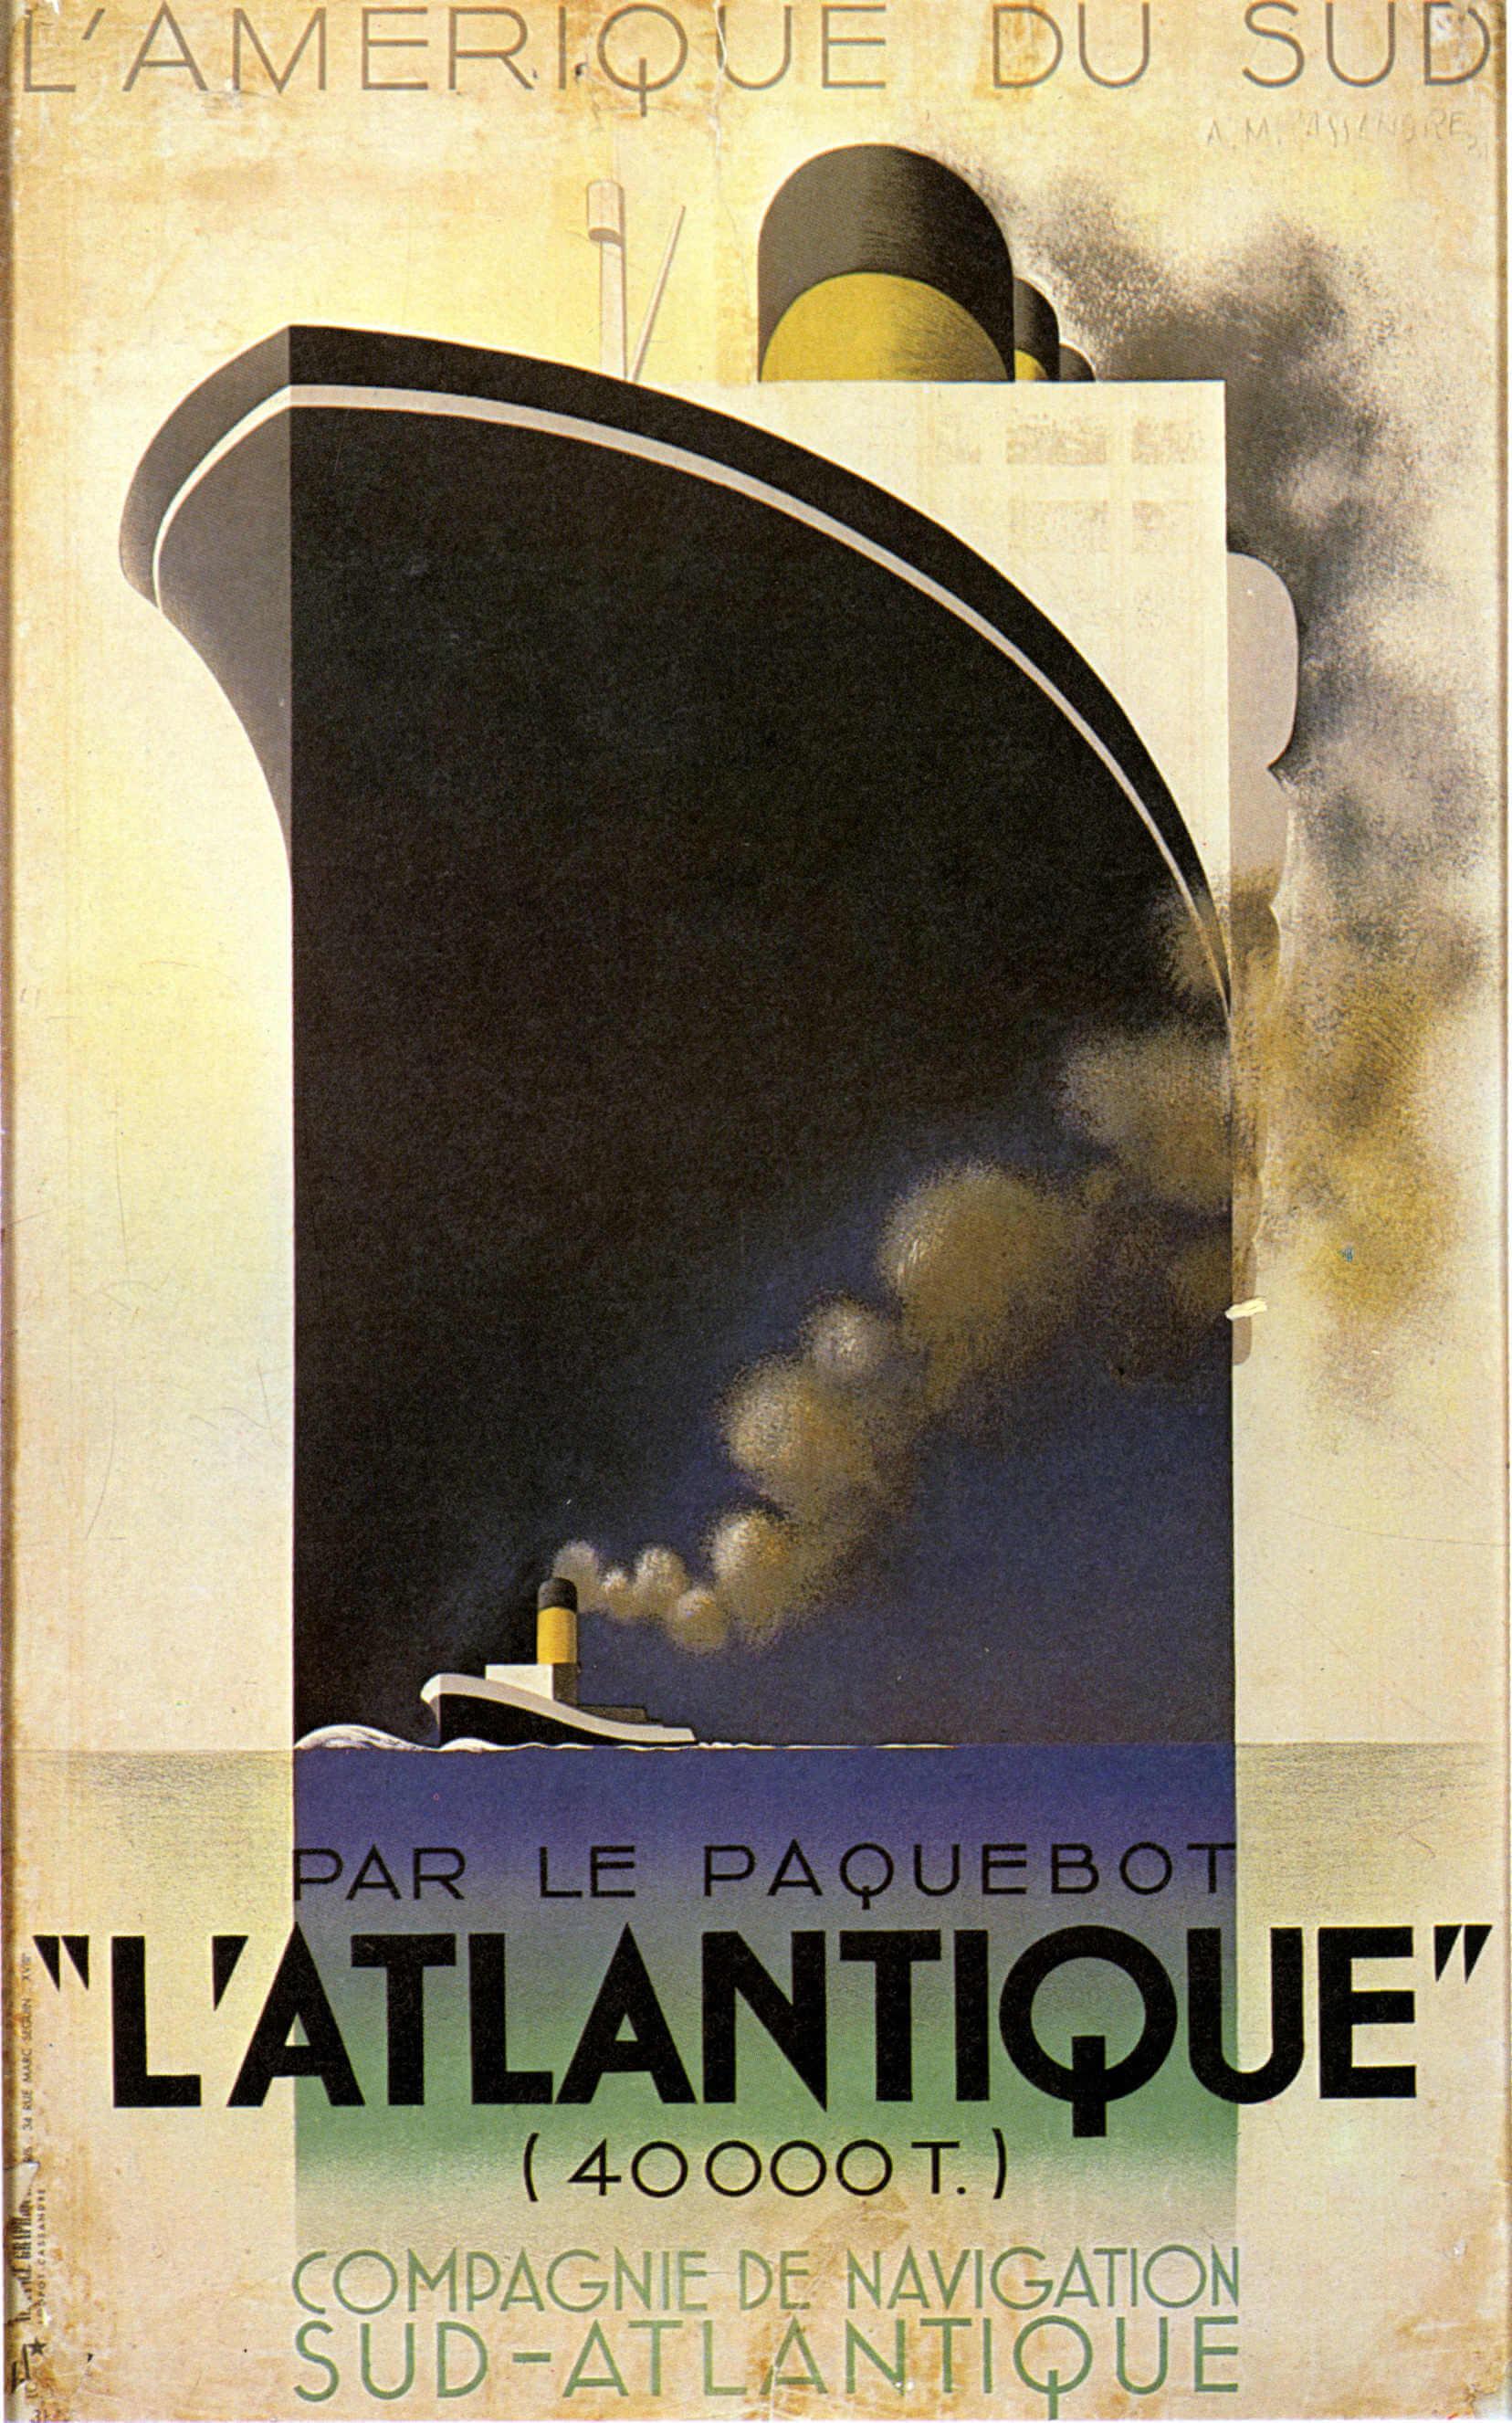 Cartel de la compañia de navegación del sur-atlantico de AM Cassandre